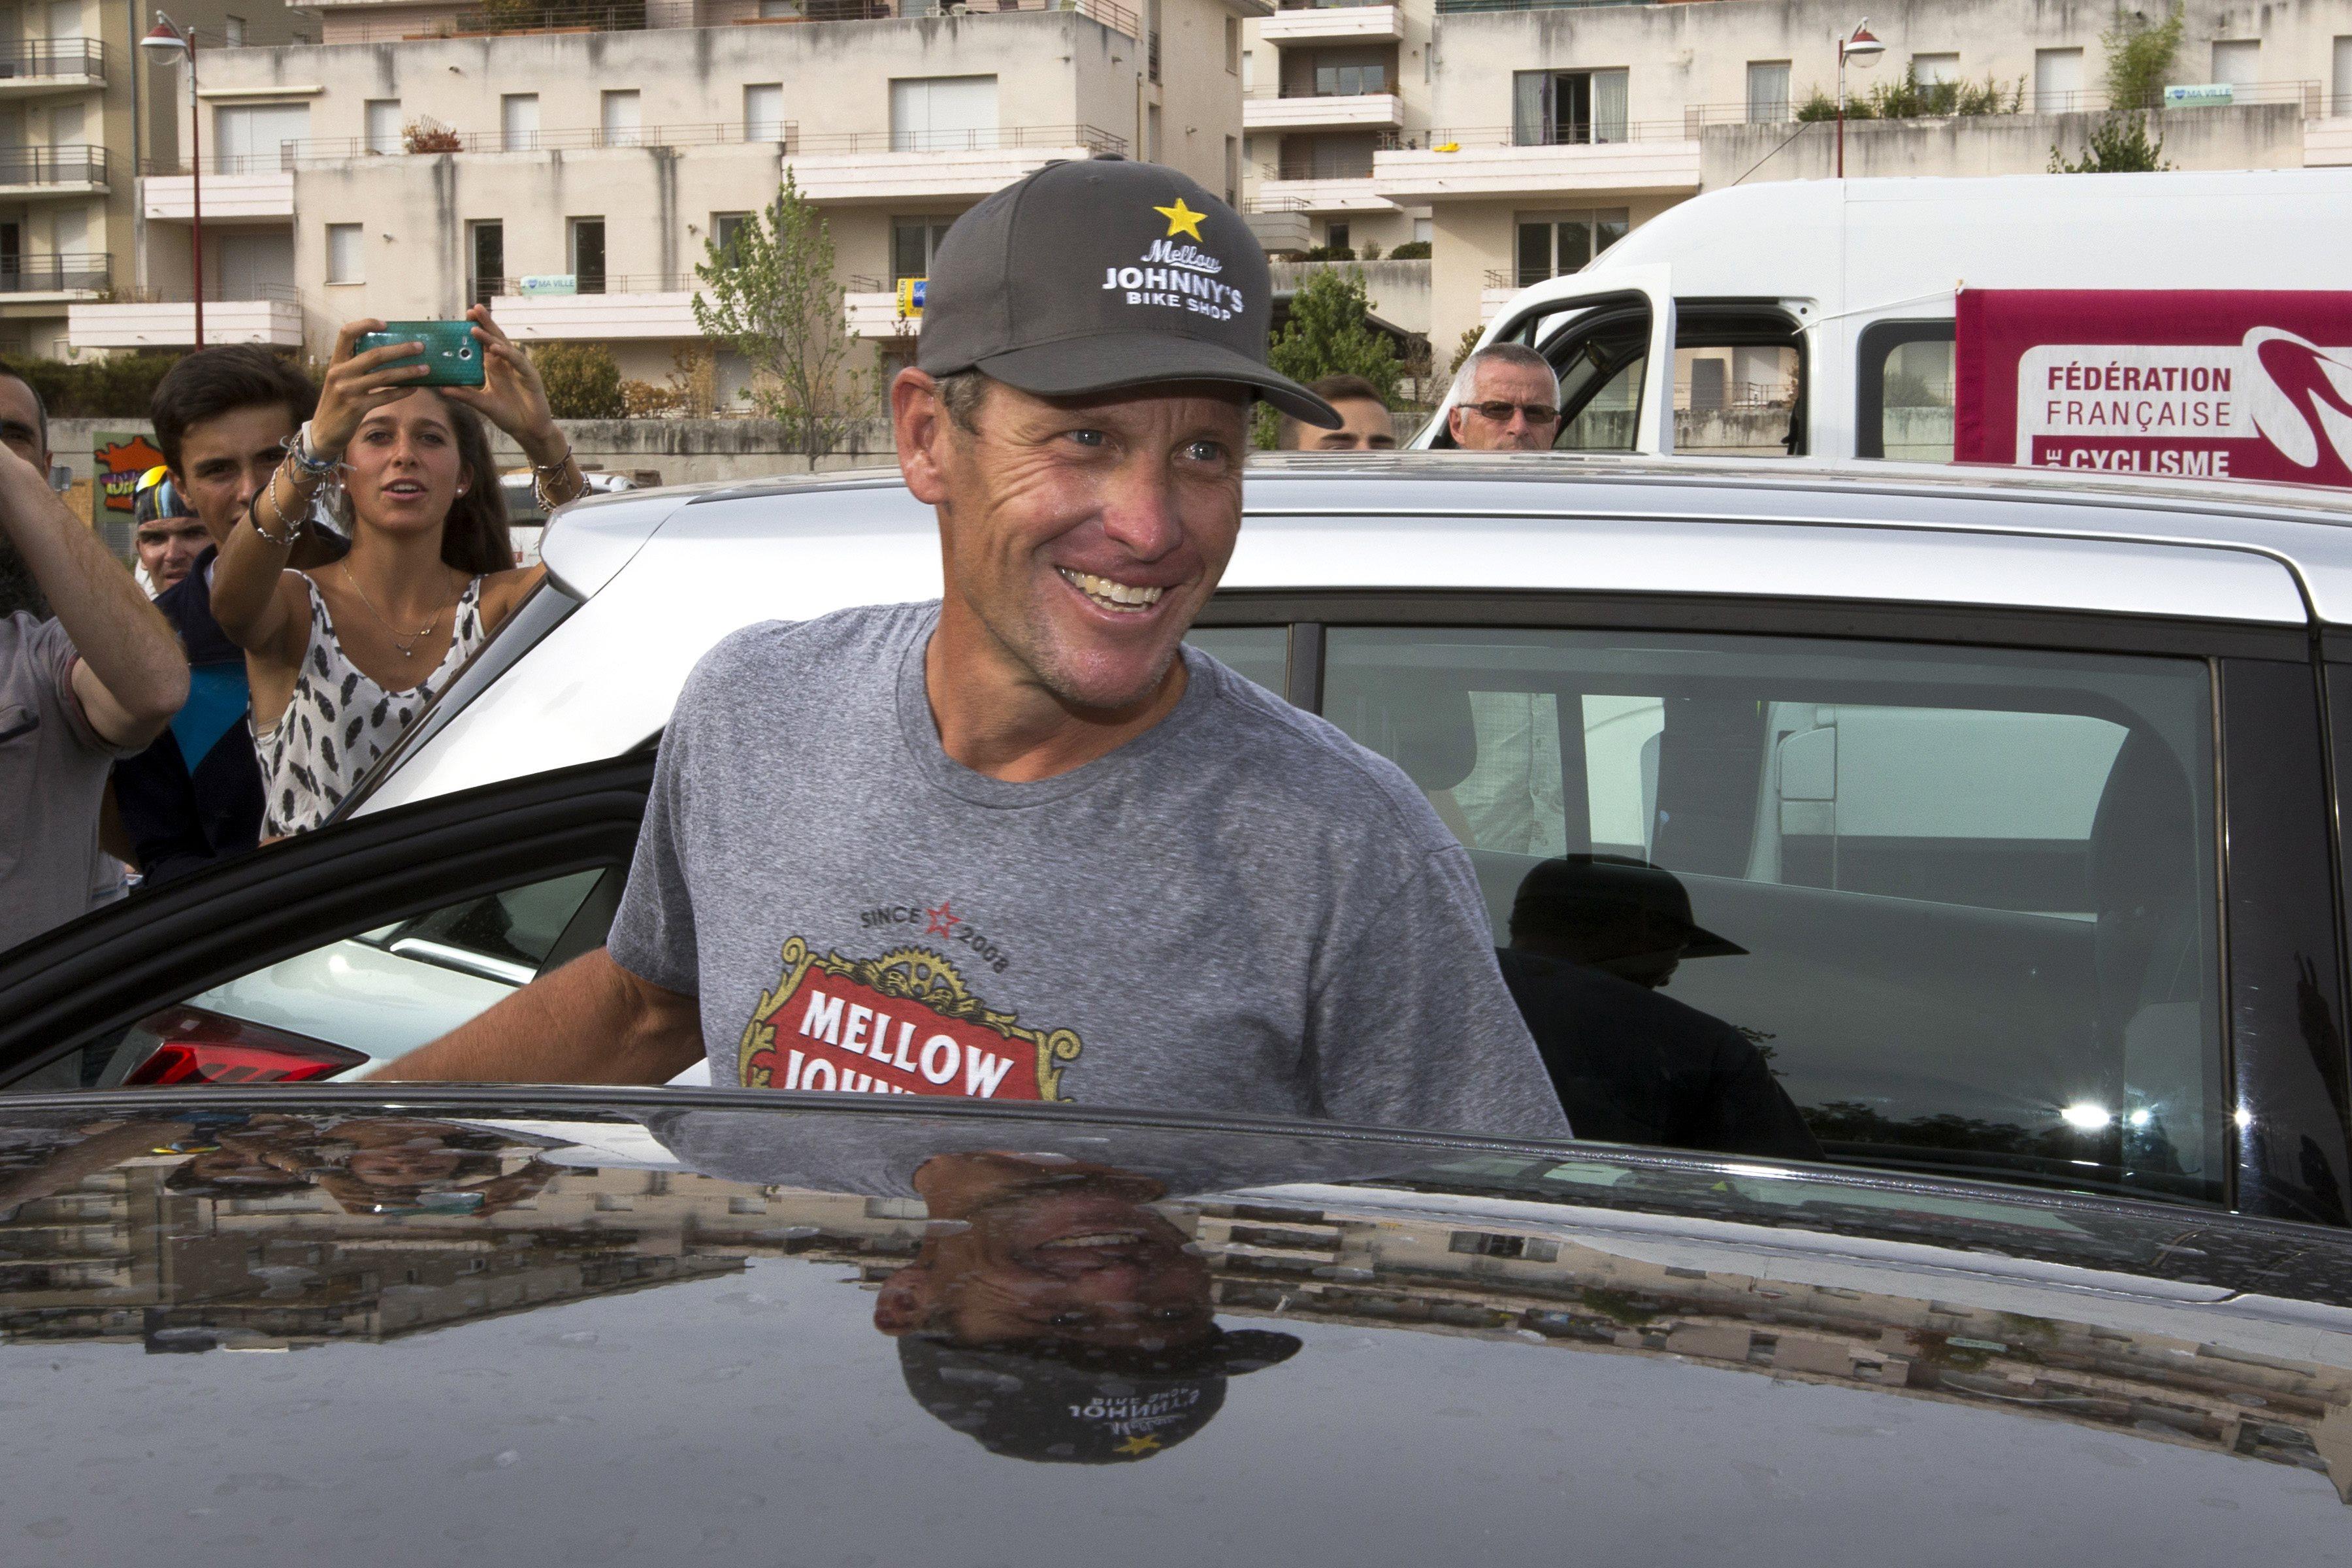 Cyclisme - Lance Armstrong en Israël pour commenter le Tour d'Italie